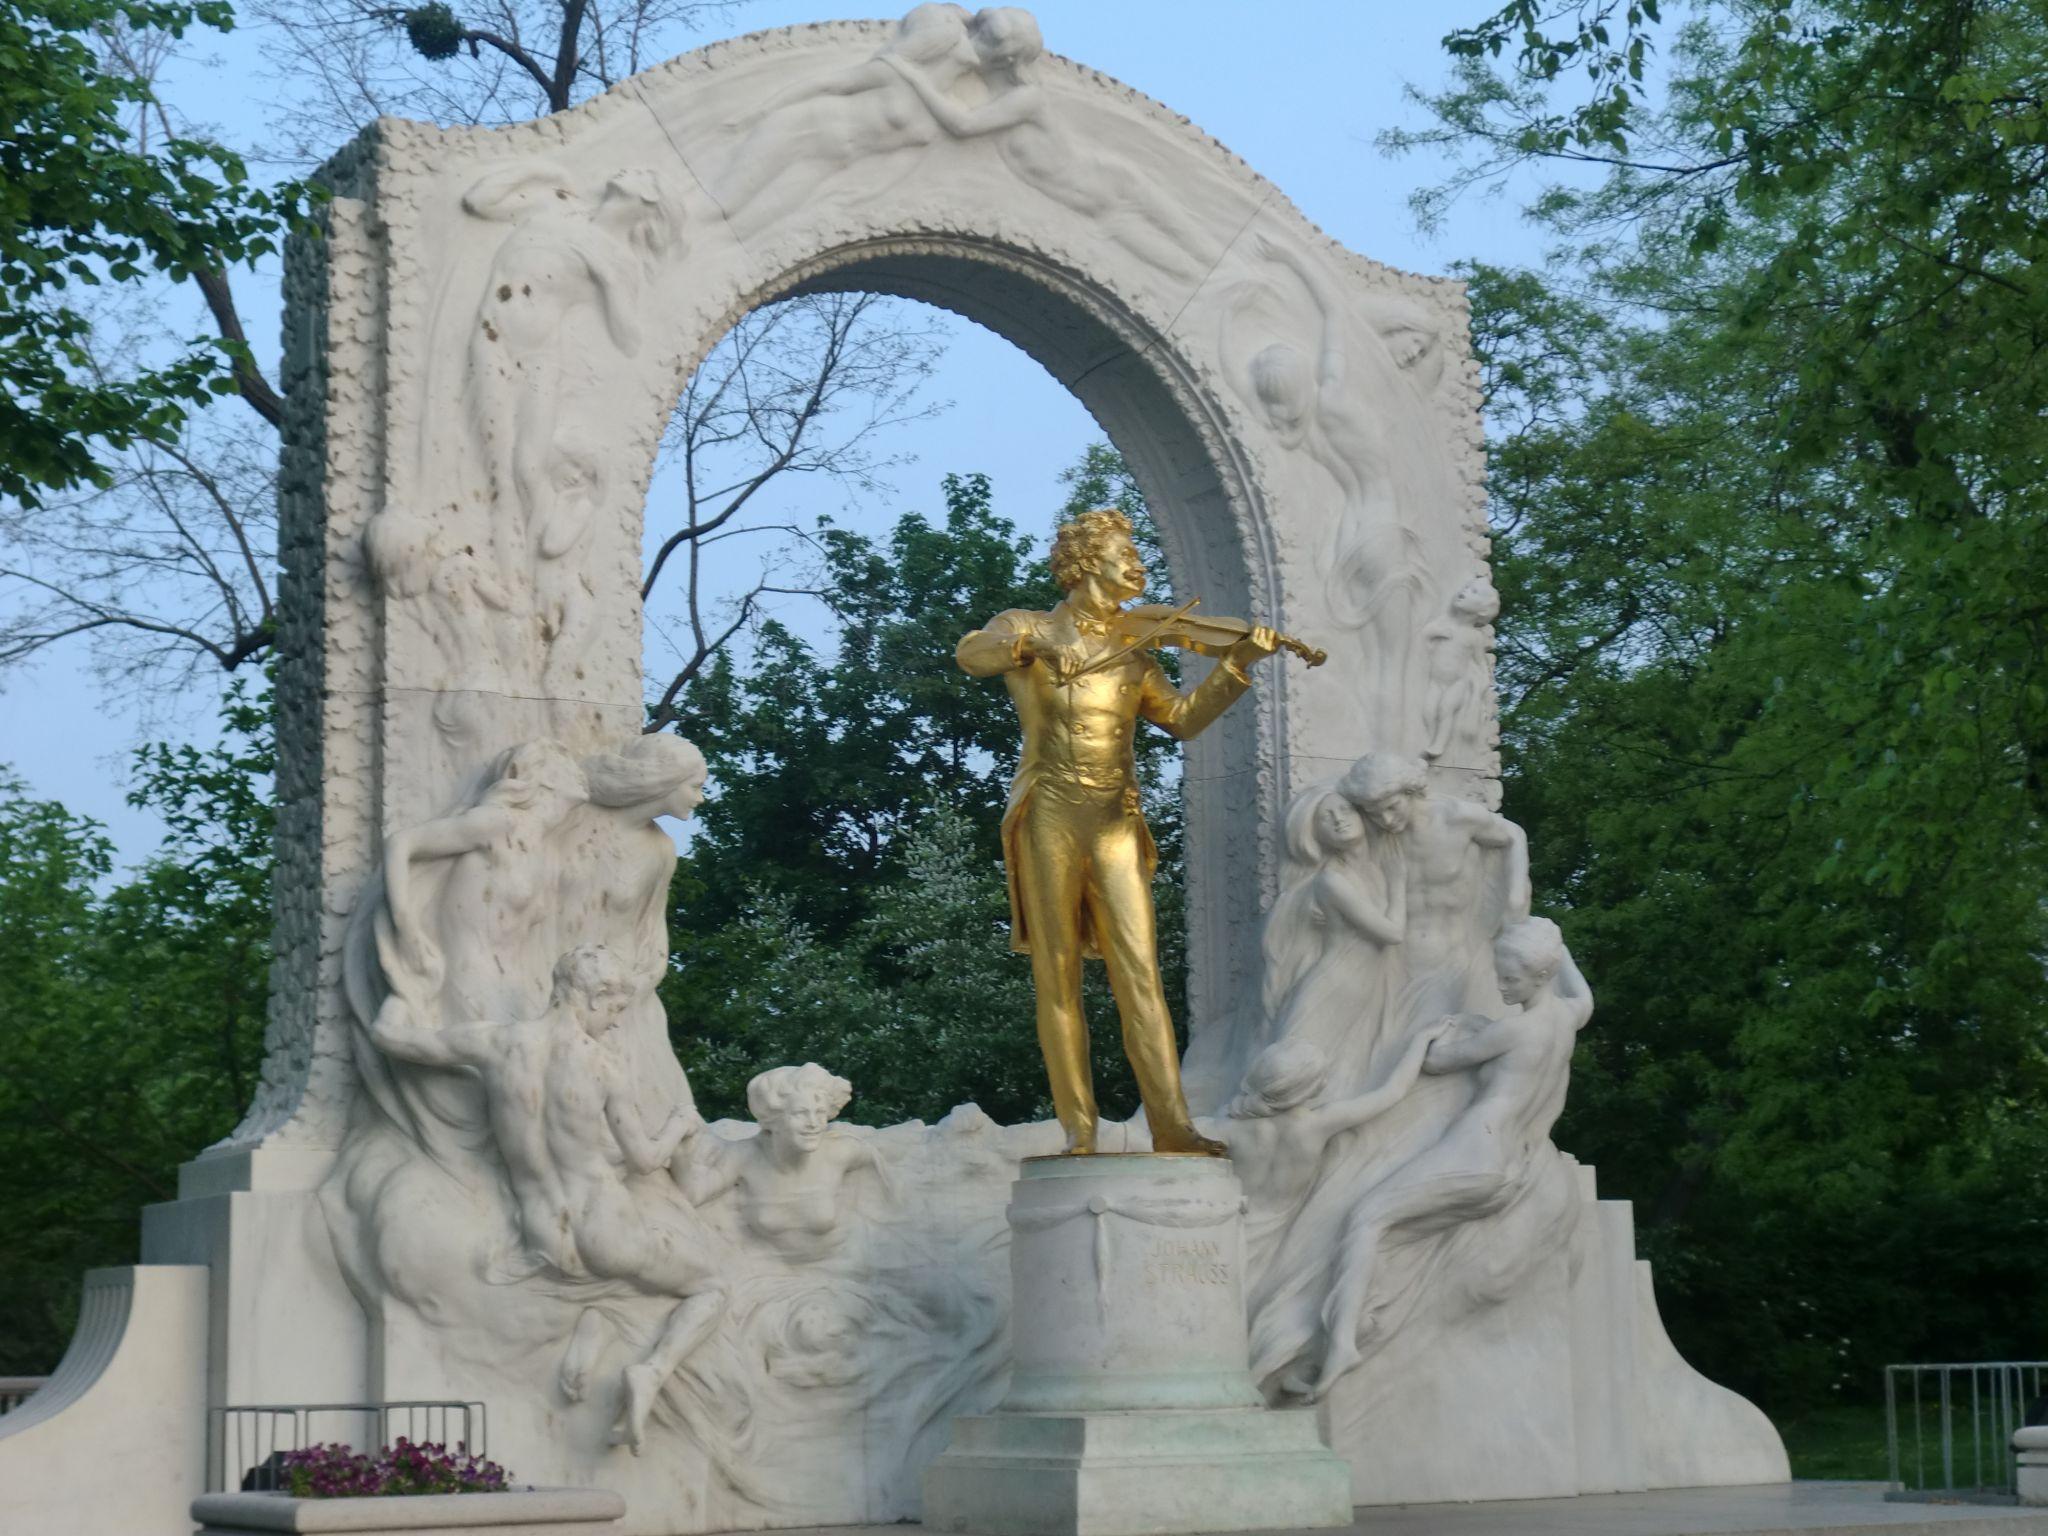 Vienna park 16 1440x1080 - Vienna: elegant beauty